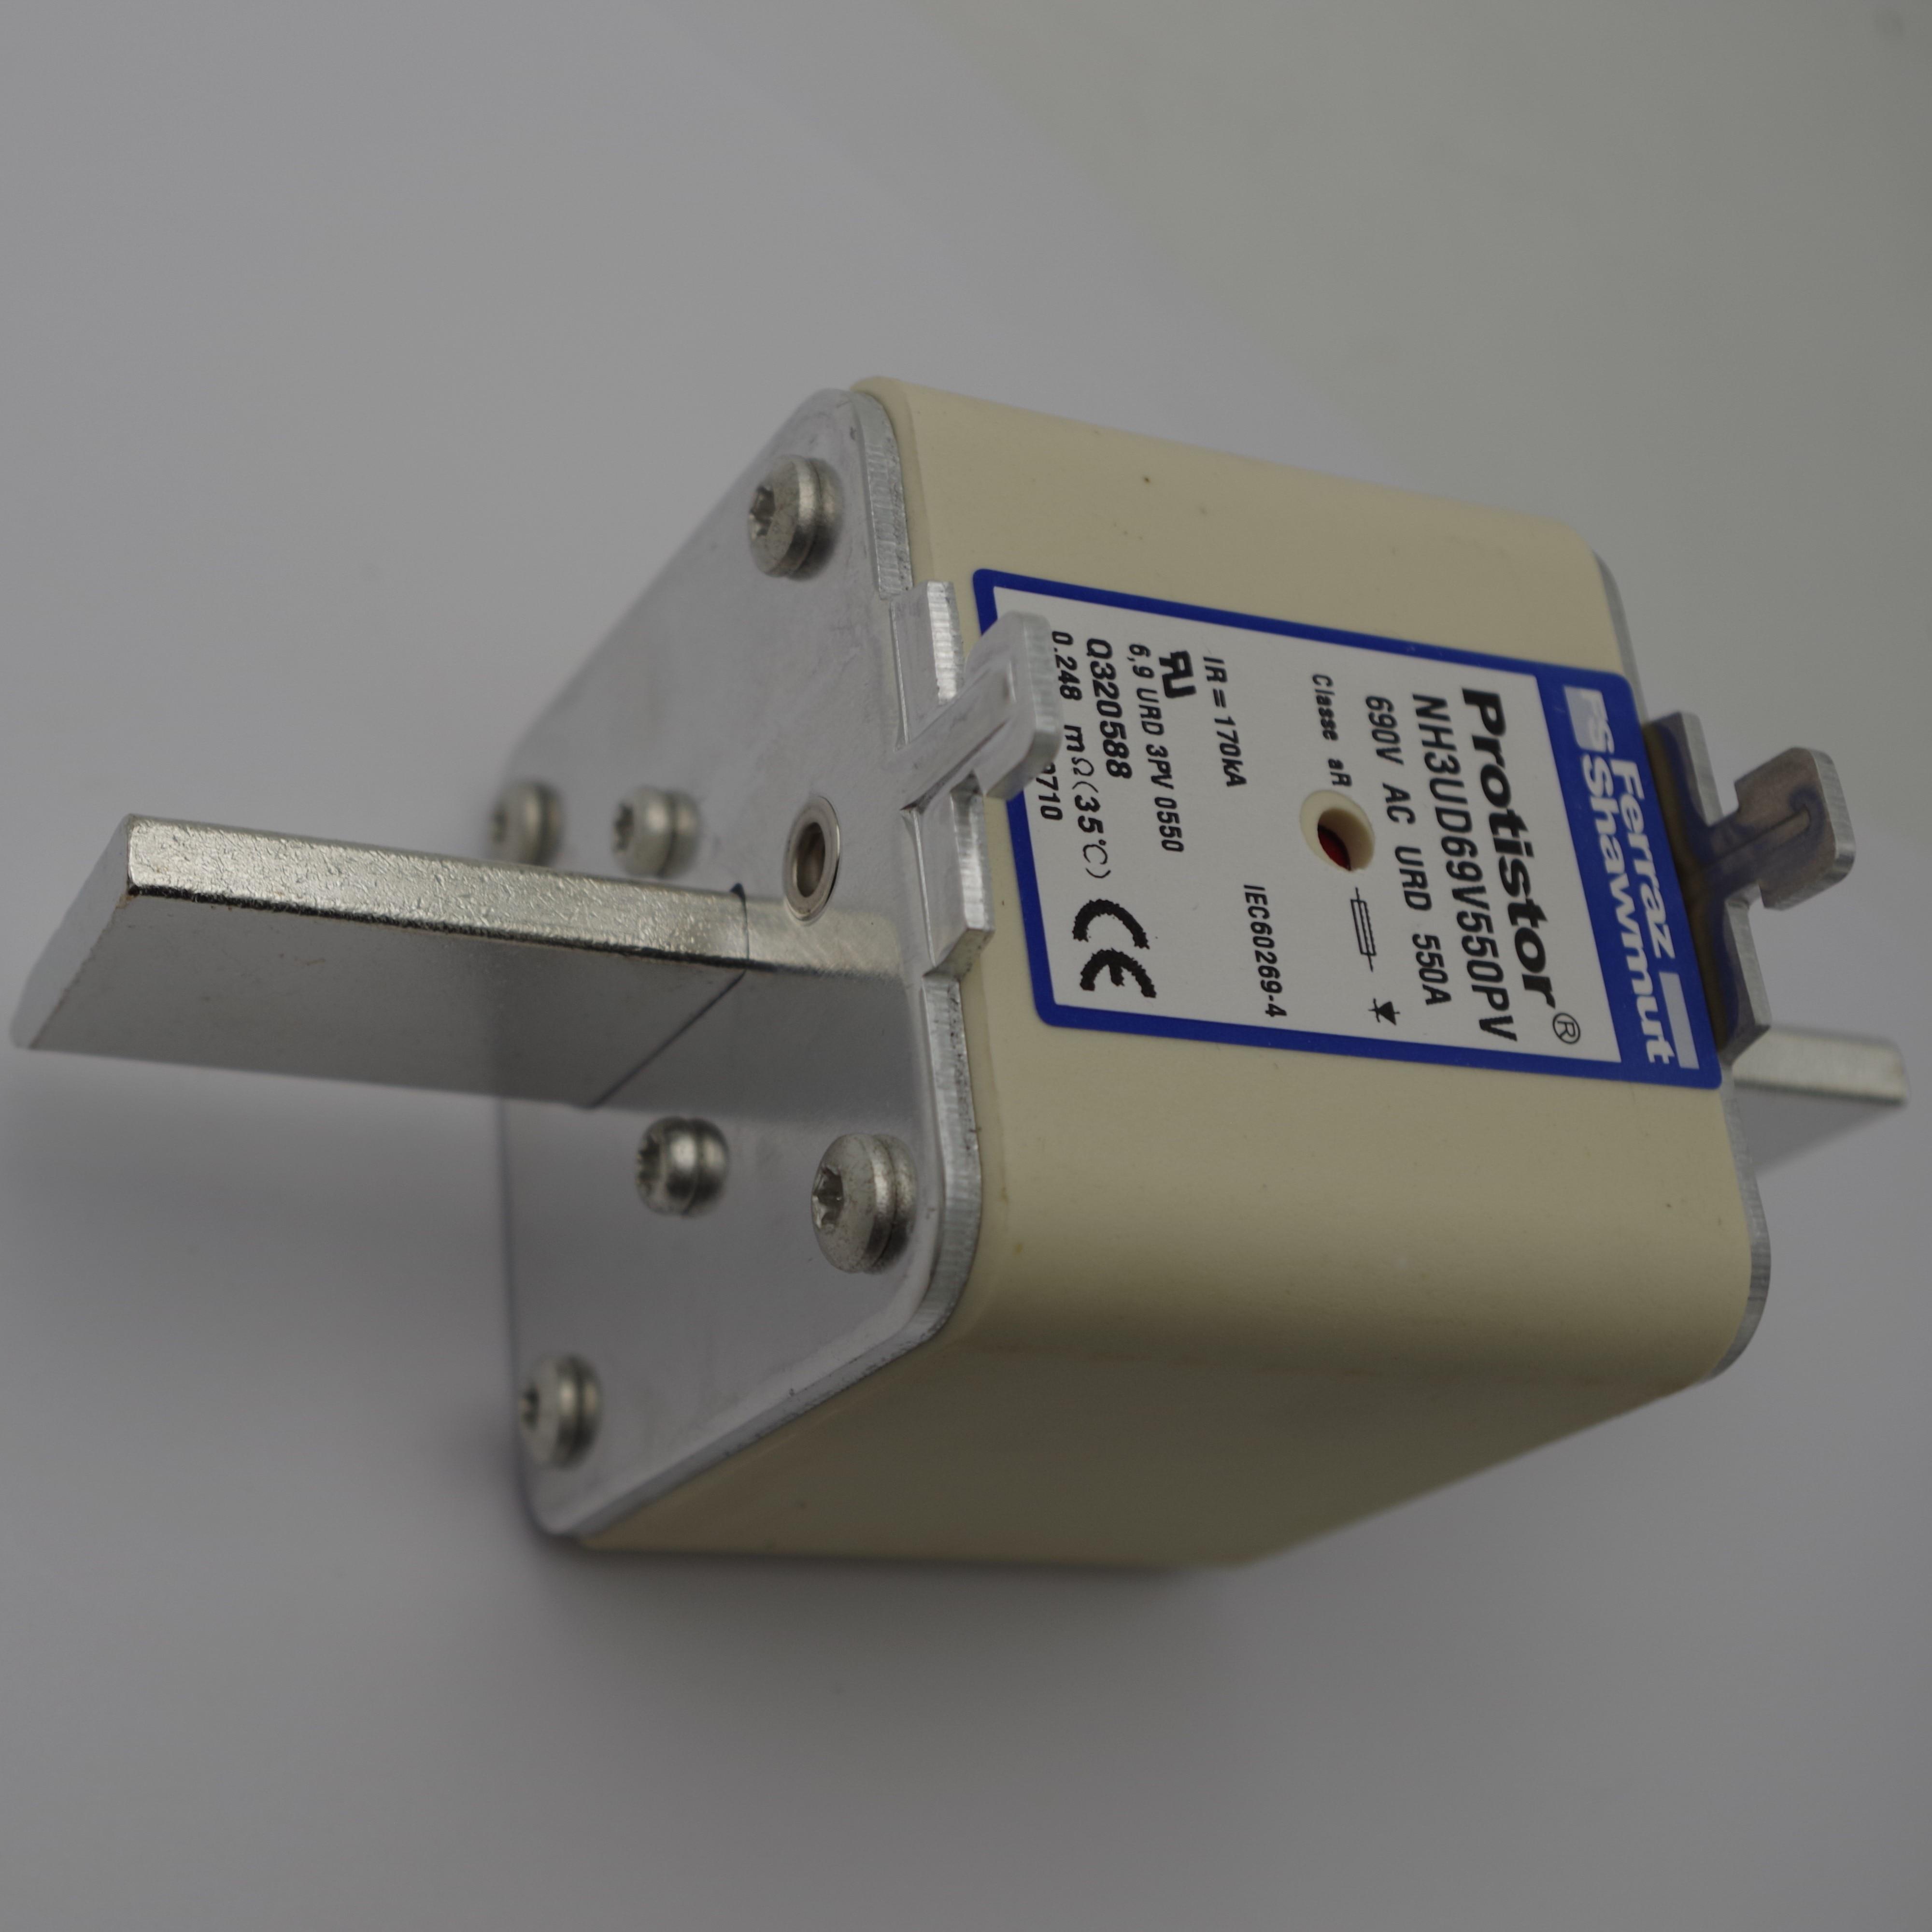 fusivel de ceramica potencia nh3ud69v550pv 550a 01